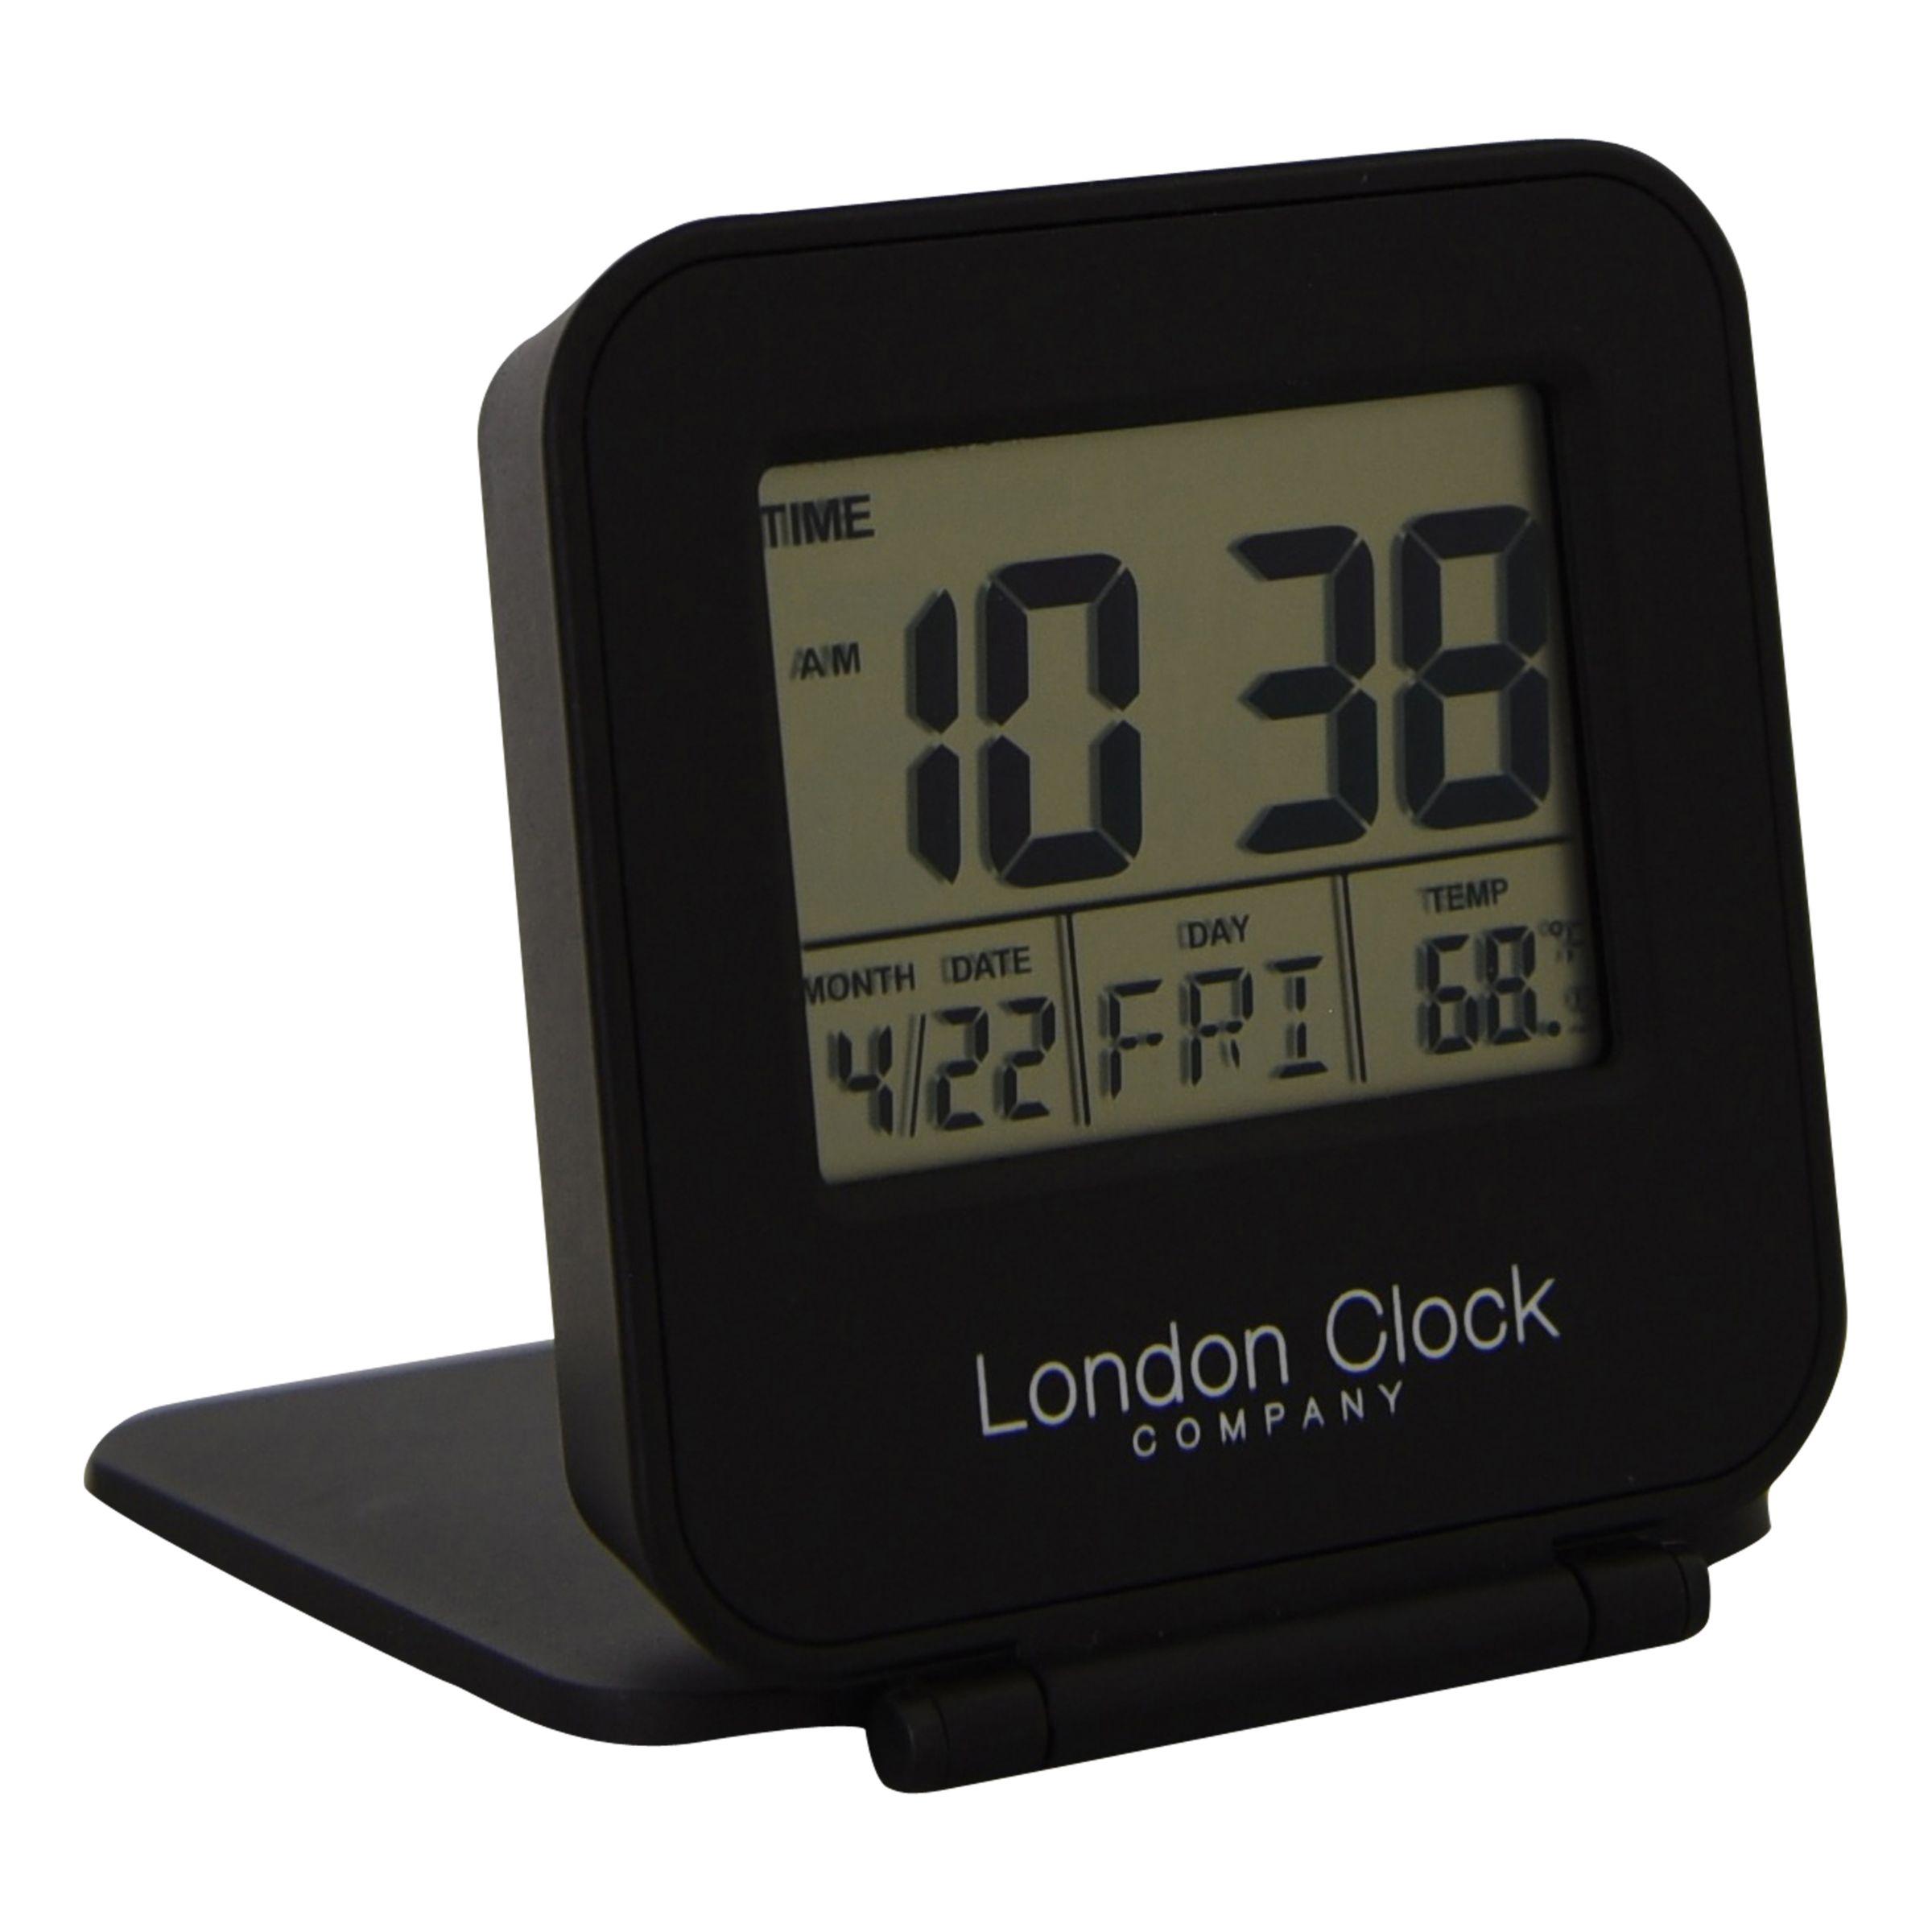 London Clock Company London Clock Company Tourist Alarm Clock, Black